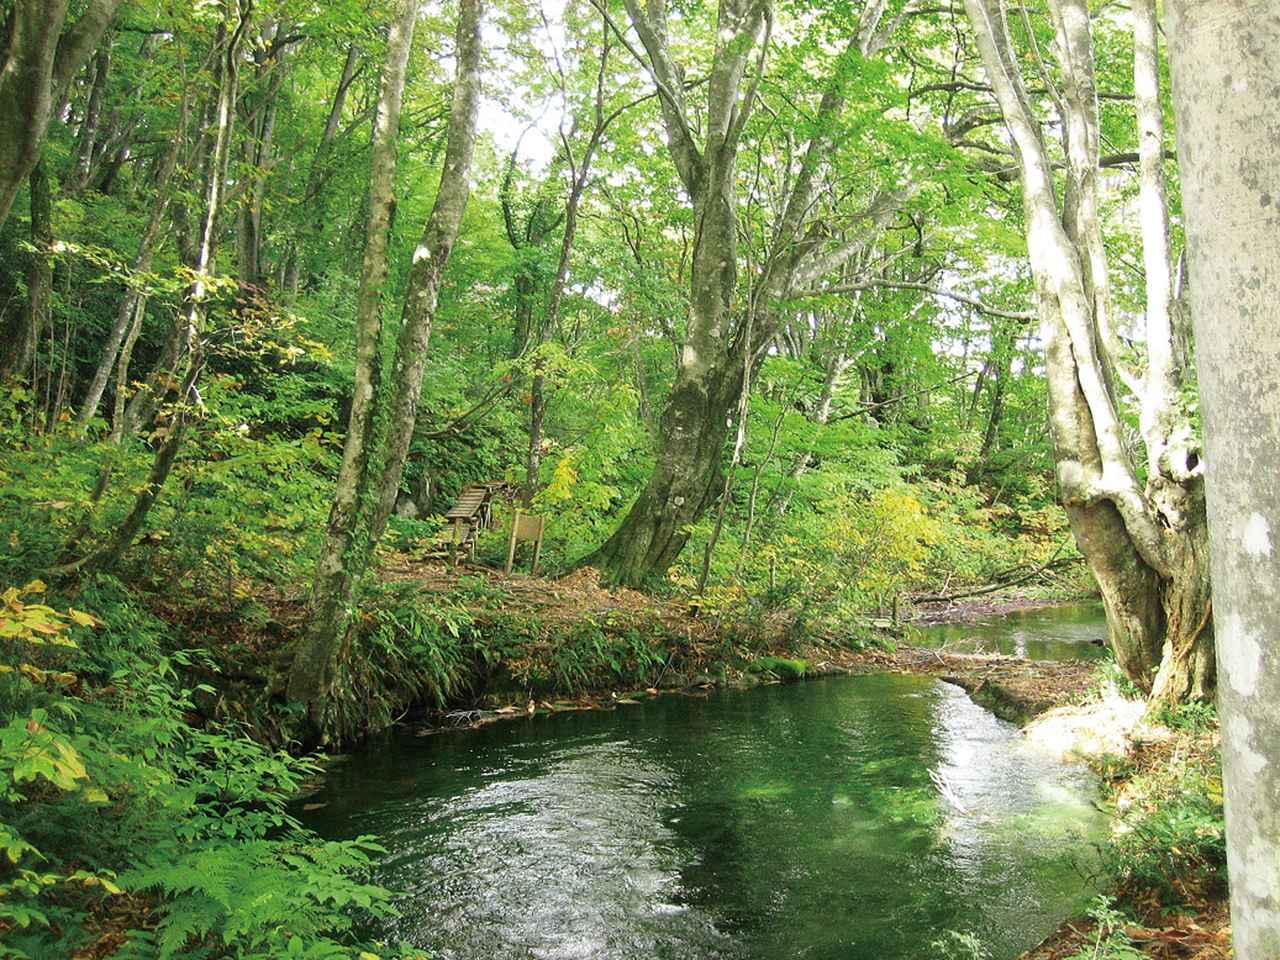 画像: 【絶景⑤】ジブリの森のような「獅子ヶ鼻湿原」で避暑体験(にかほ市)